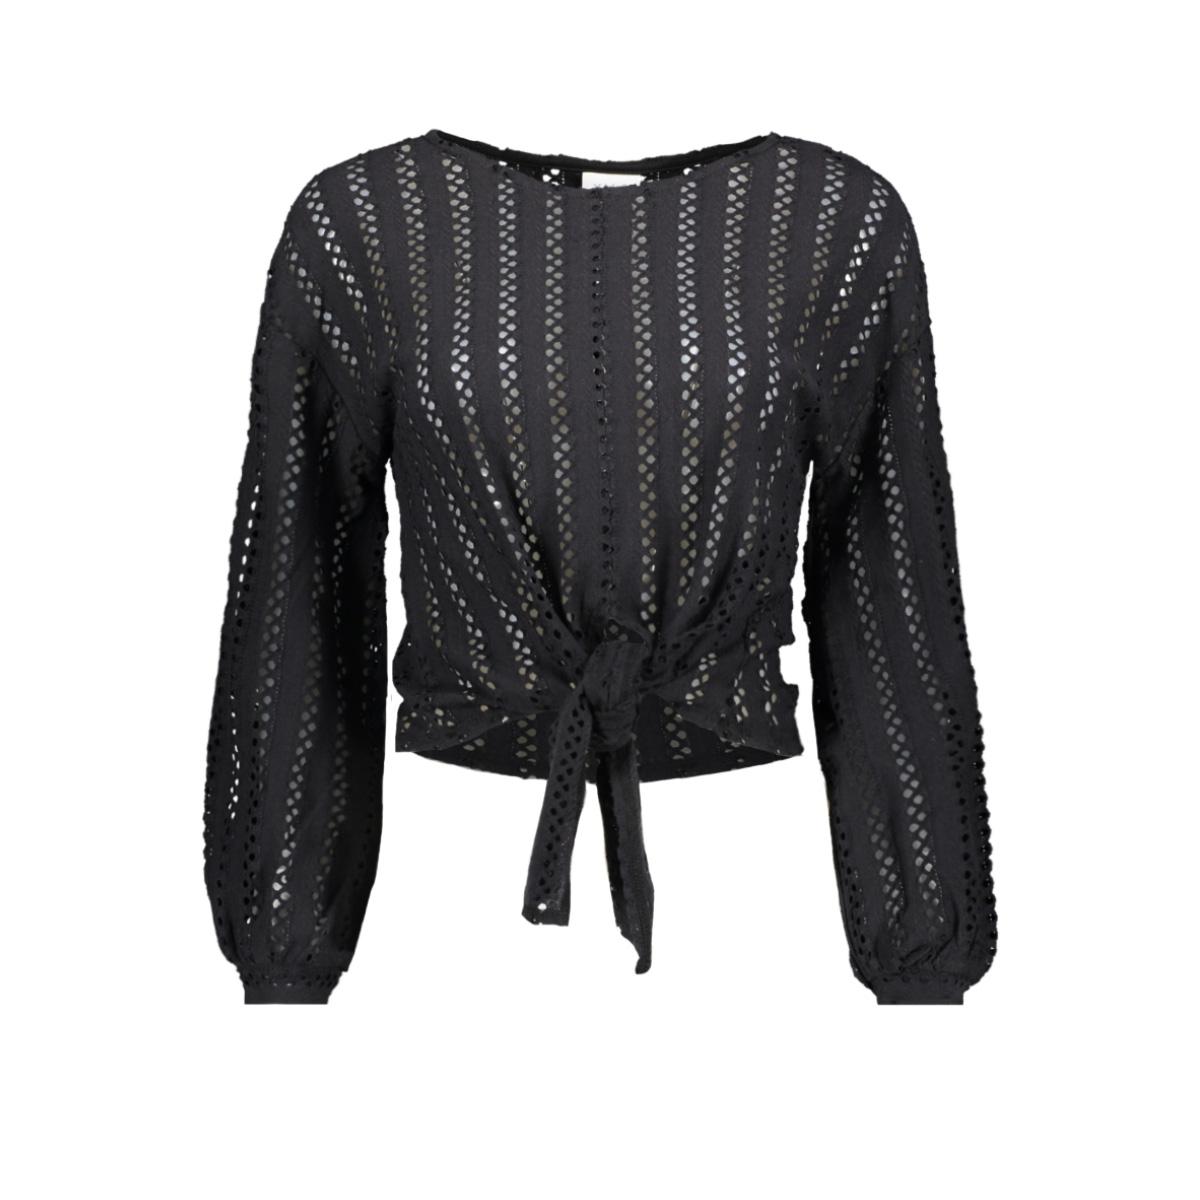 vipiline l/s t-shirt/2 14057286 vila t-shirt black